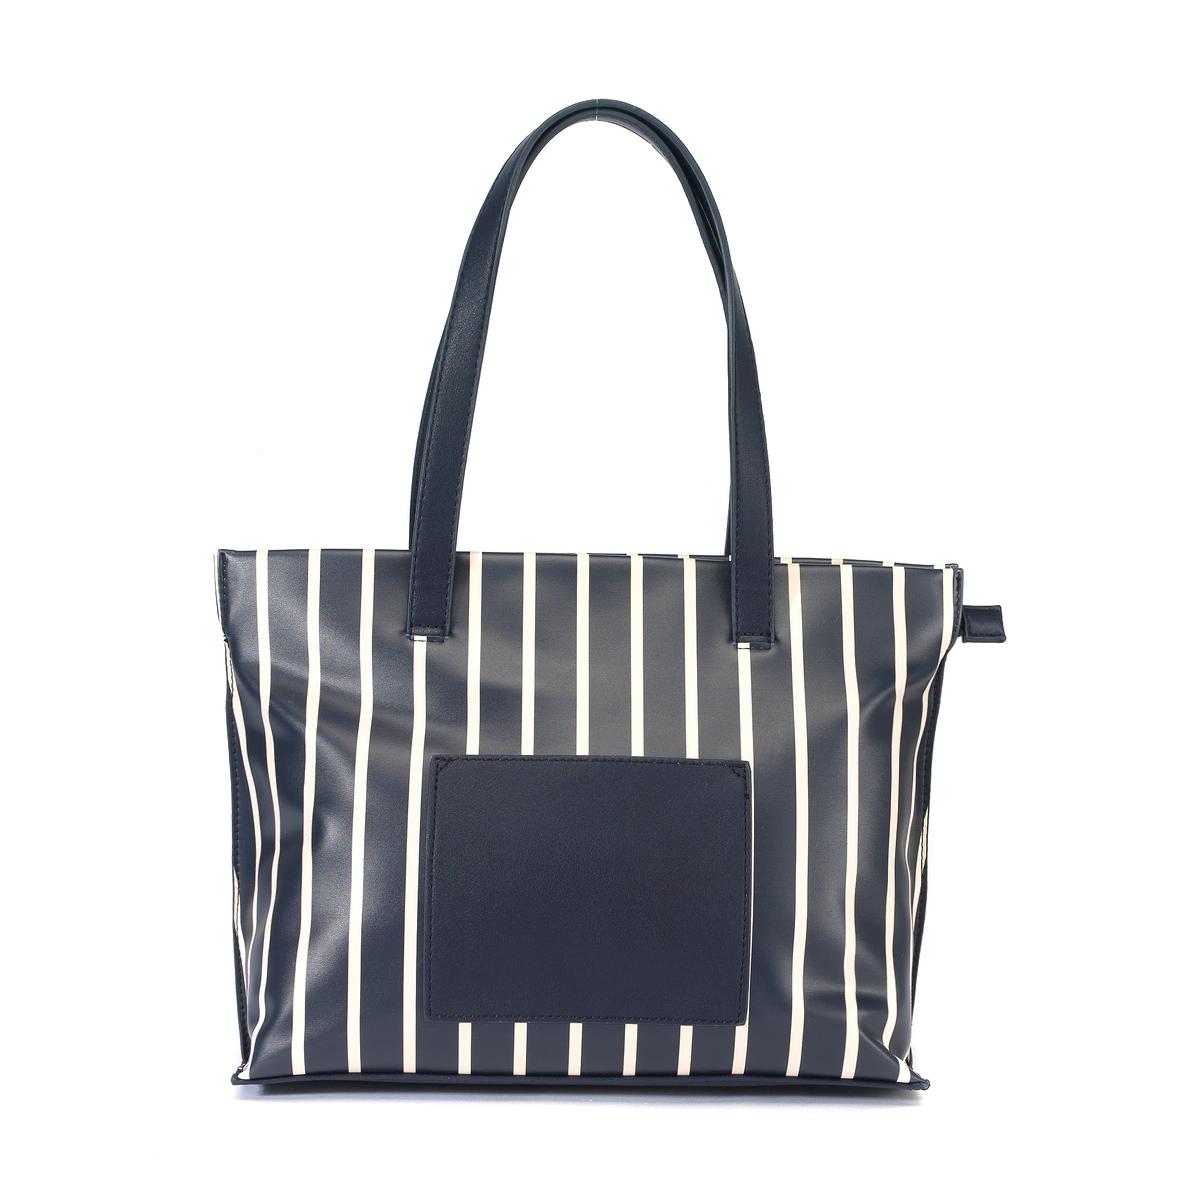 Сумка-шопер в полоску на молнии – LES PETITS PRIX1 внешний карман - стильная сумка-шопер в полоску - Подкладка 100% хлопка. 1 внутренний карман на молнии и 2 внутренних кармана для мобильного телефона .<br><br>Цвет: темно-синий<br>Размер: единый размер